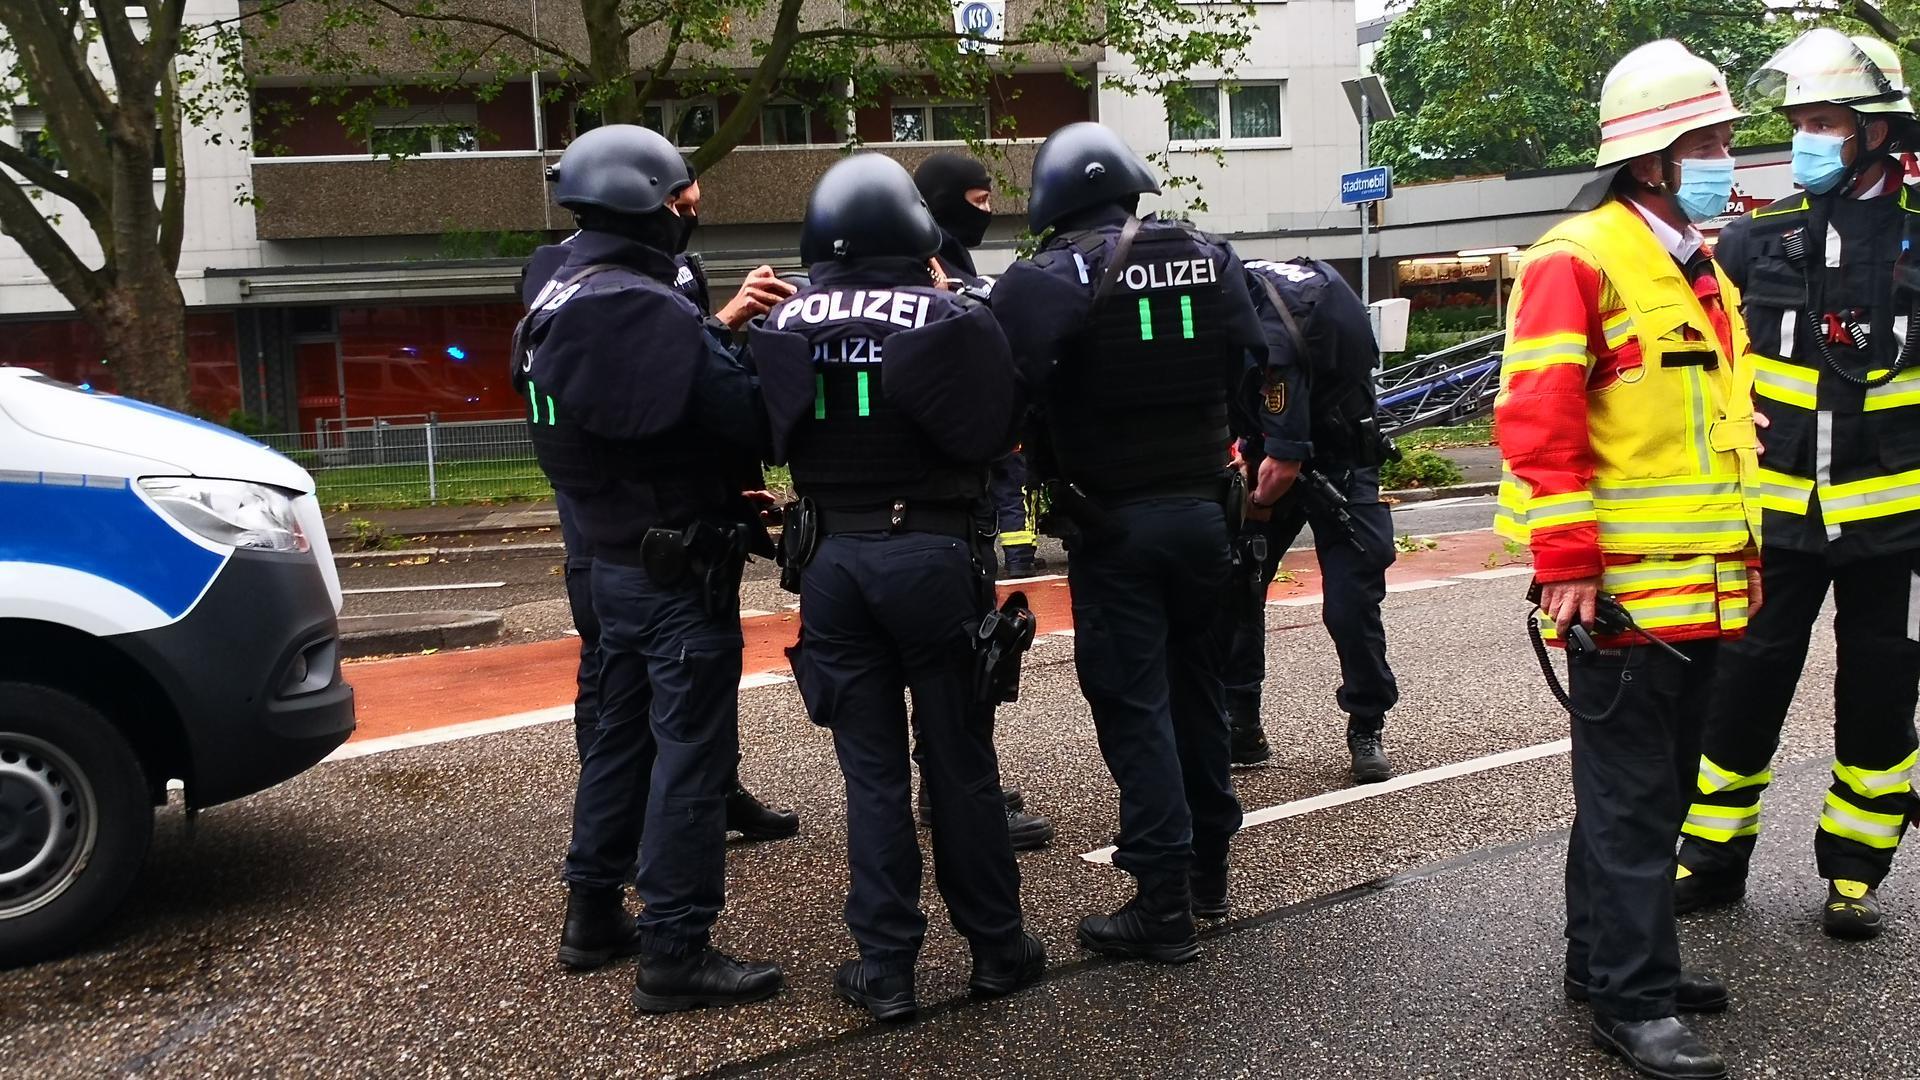 Gerüstete Polizisten vor dem Hochhaus am Gottesauer Platz in Karlsruhe.